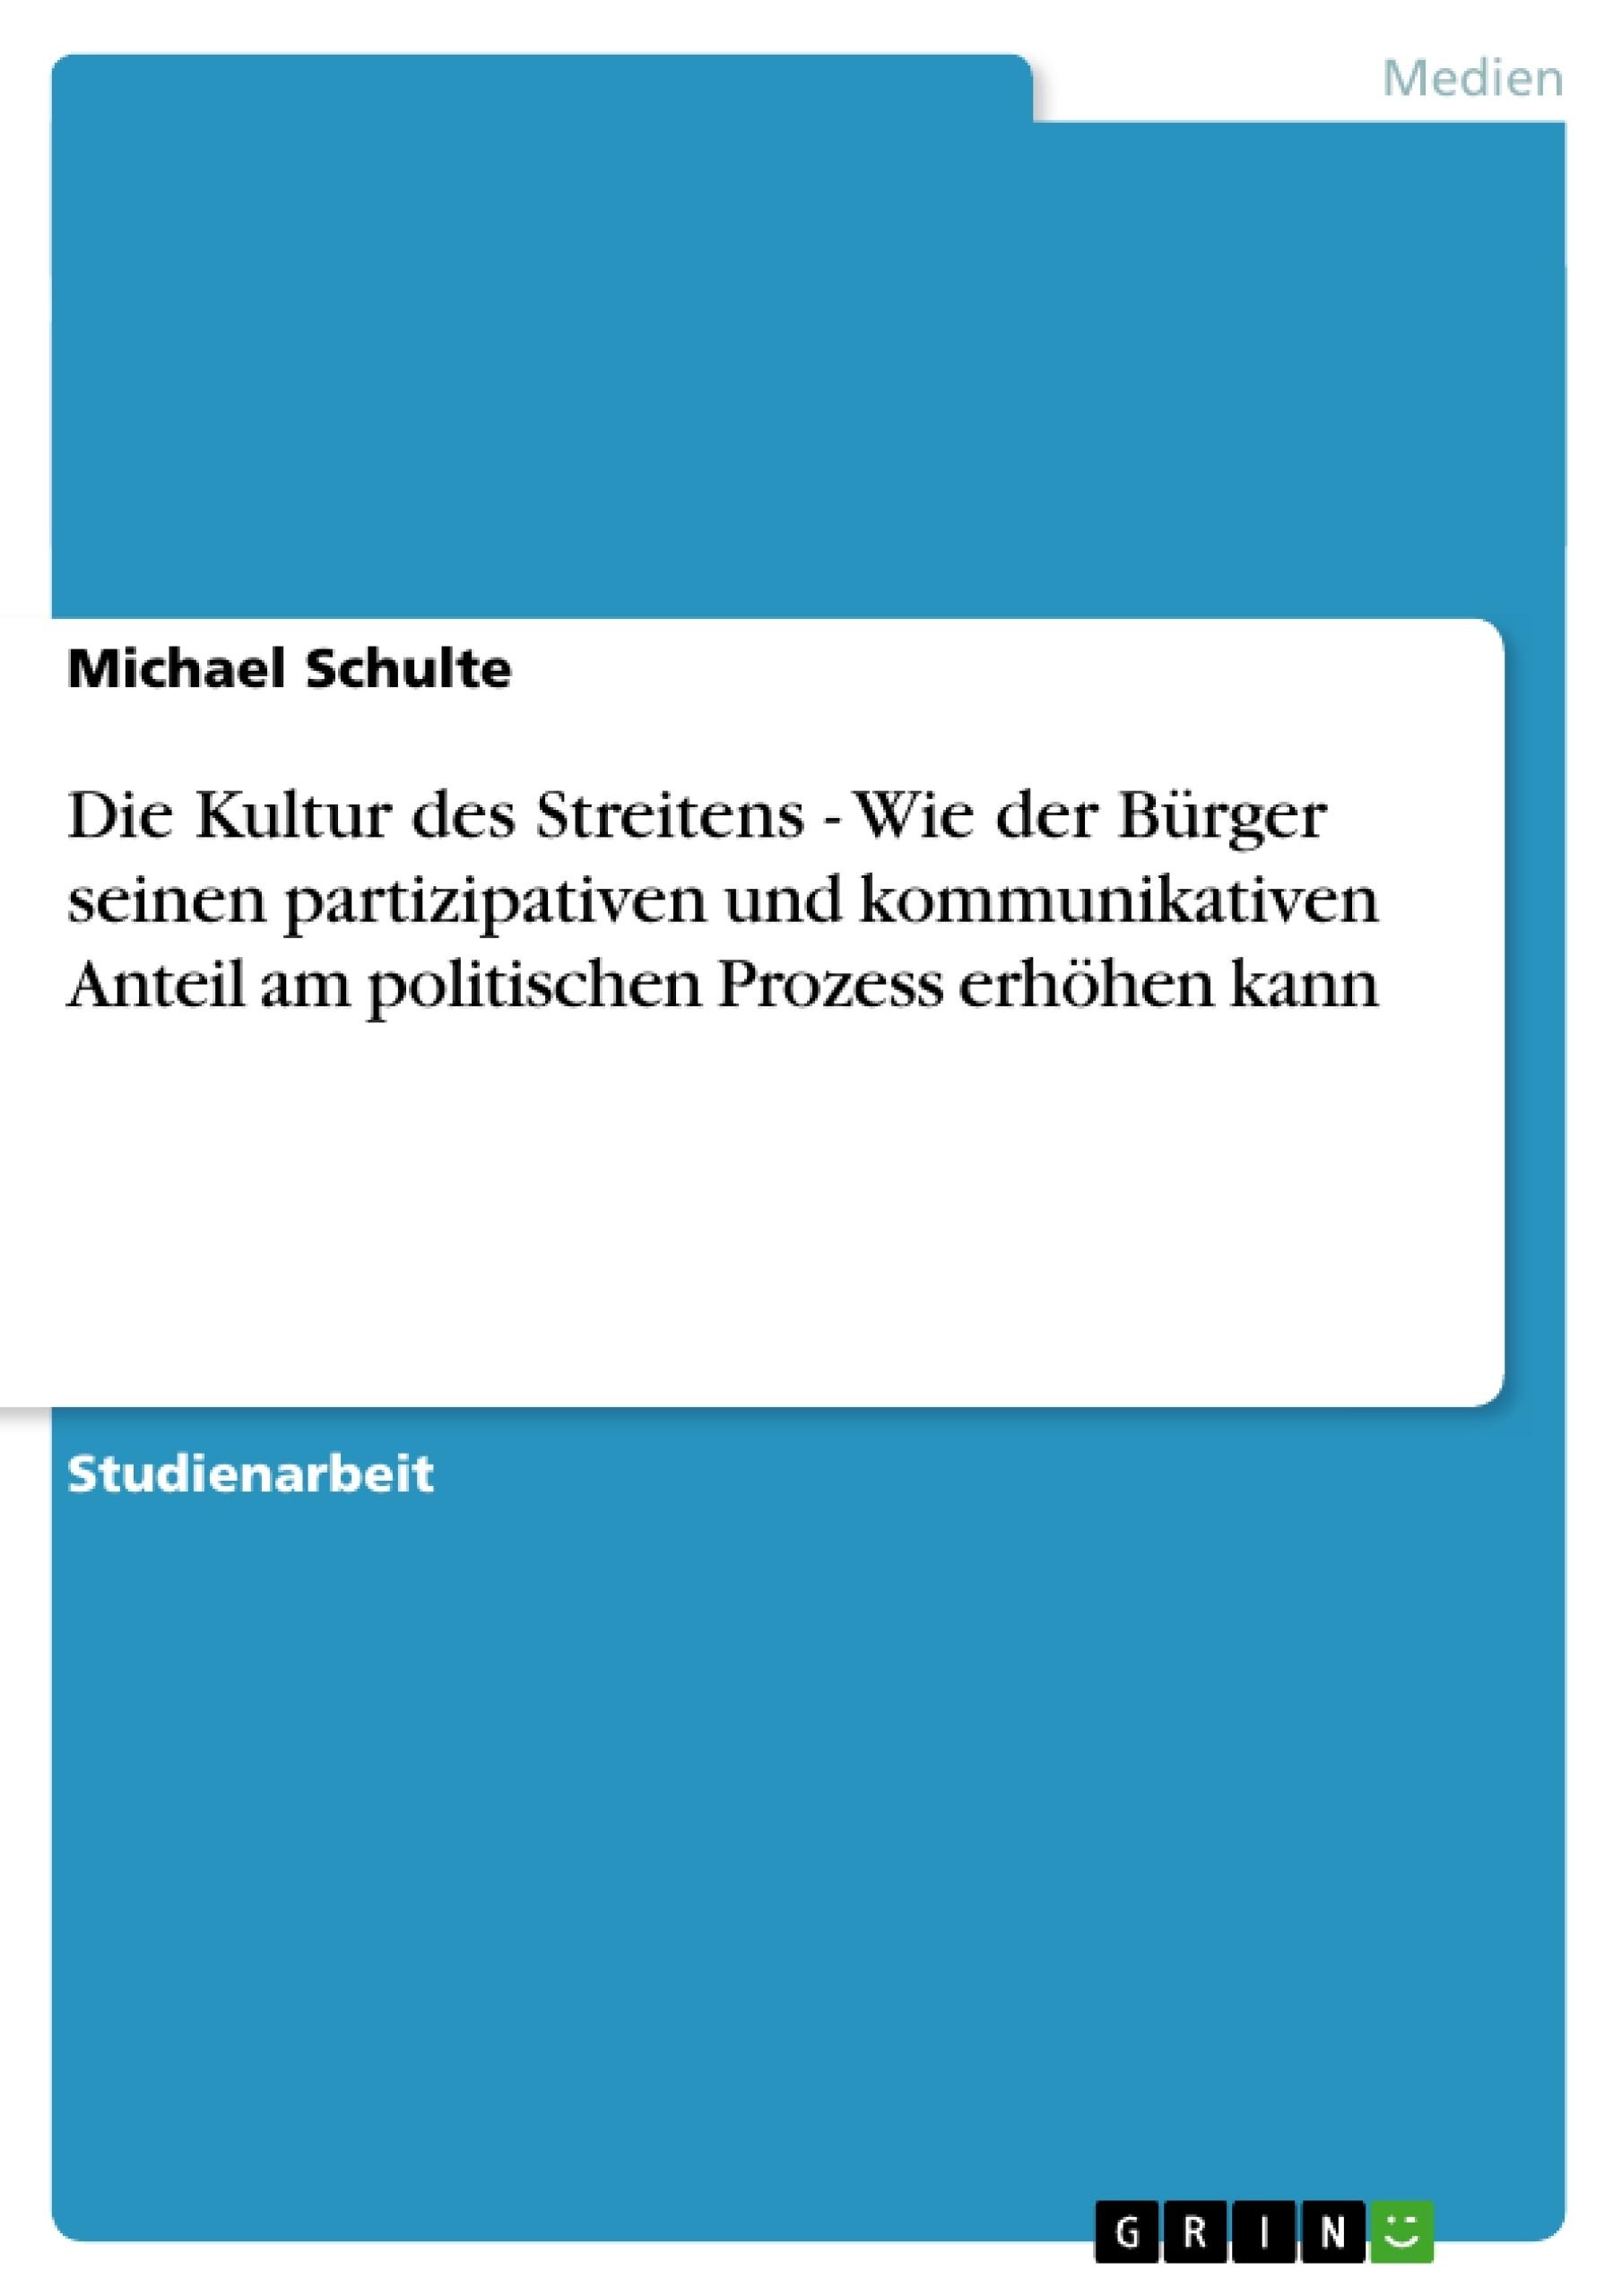 Titel: Die Kultur des Streitens - Wie der Bürger seinen partizipativen und kommunikativen Anteil am politischen Prozess erhöhen kann